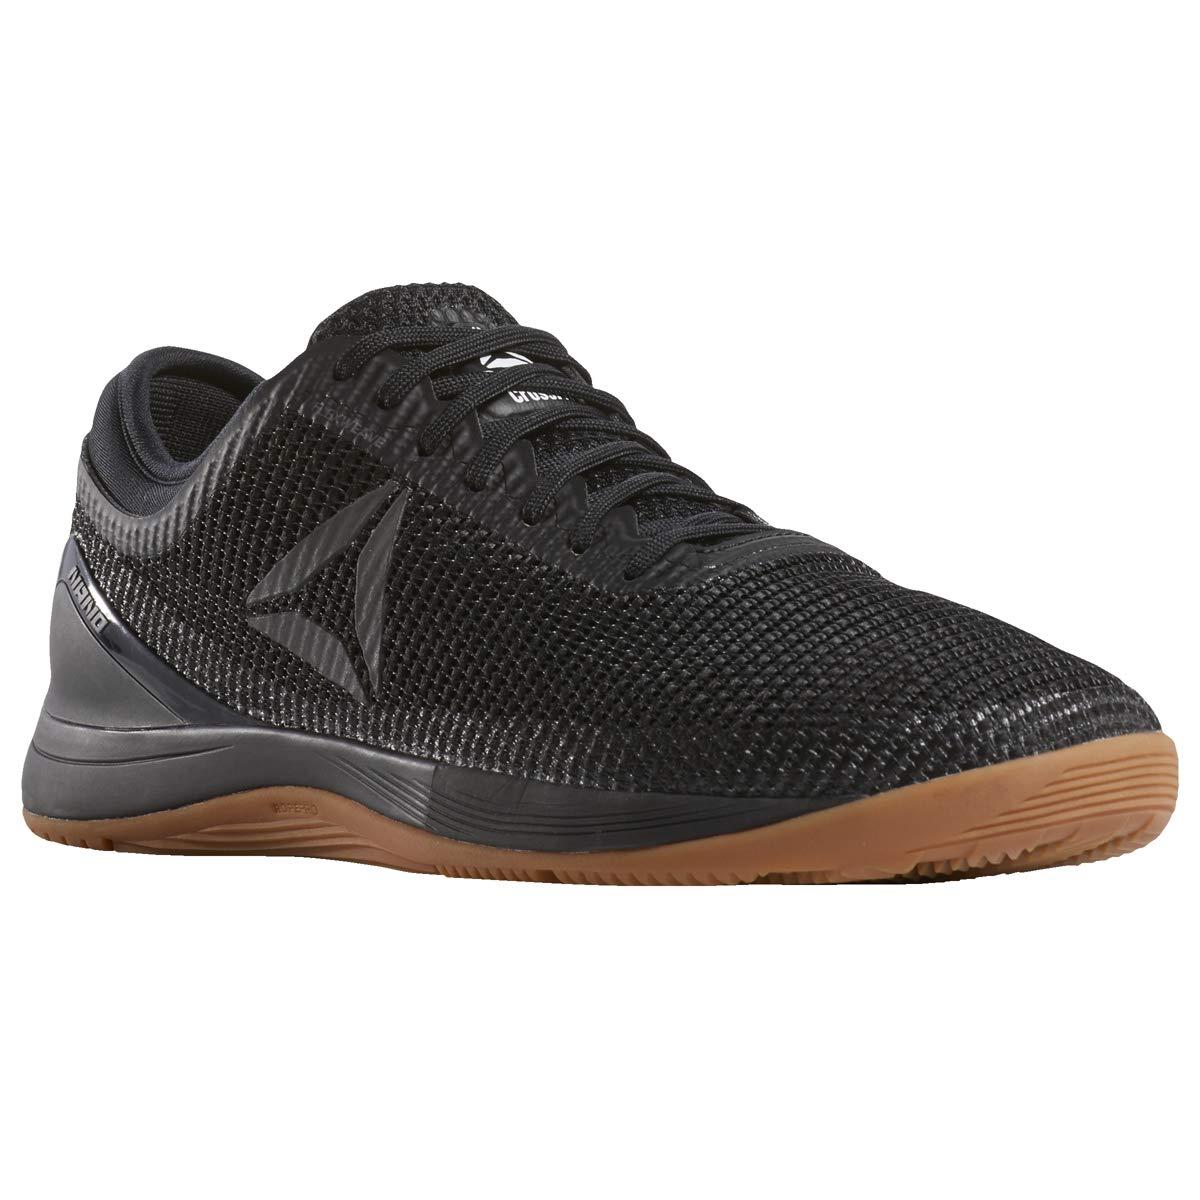 Reebok Crossfit Nano 8.0 Shoe Women's Crossfit